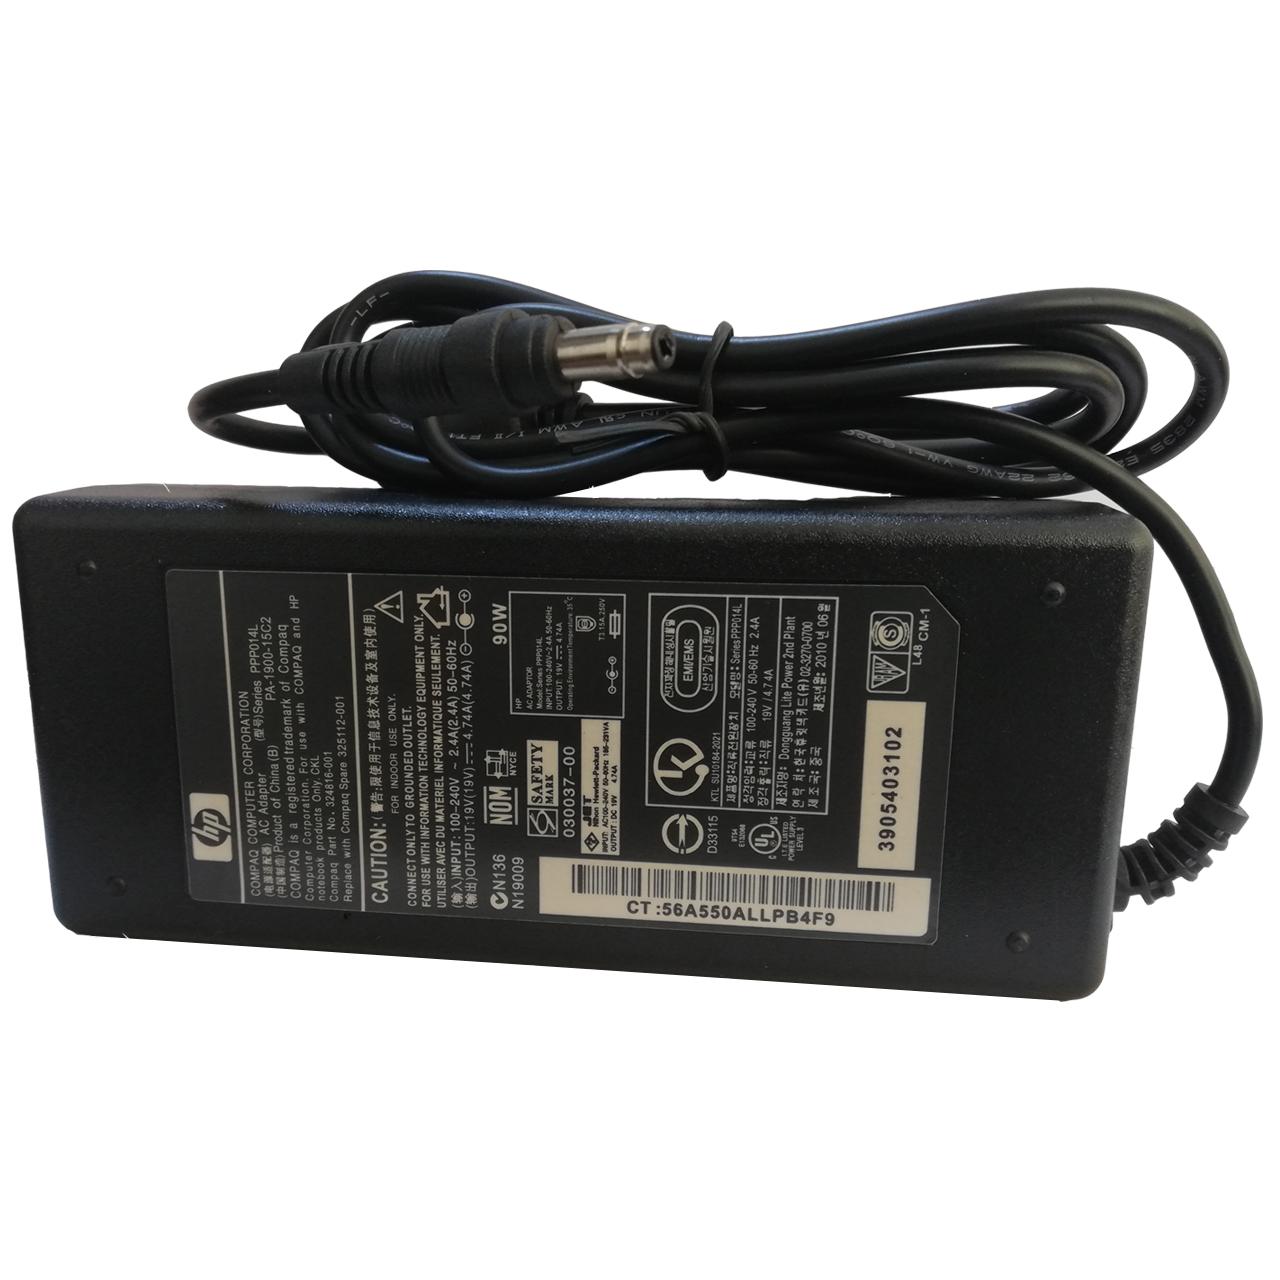 شارژر لپ تاپ 19 ولت 4.74 آمپر اچ پی مدل PA-1900-15C2